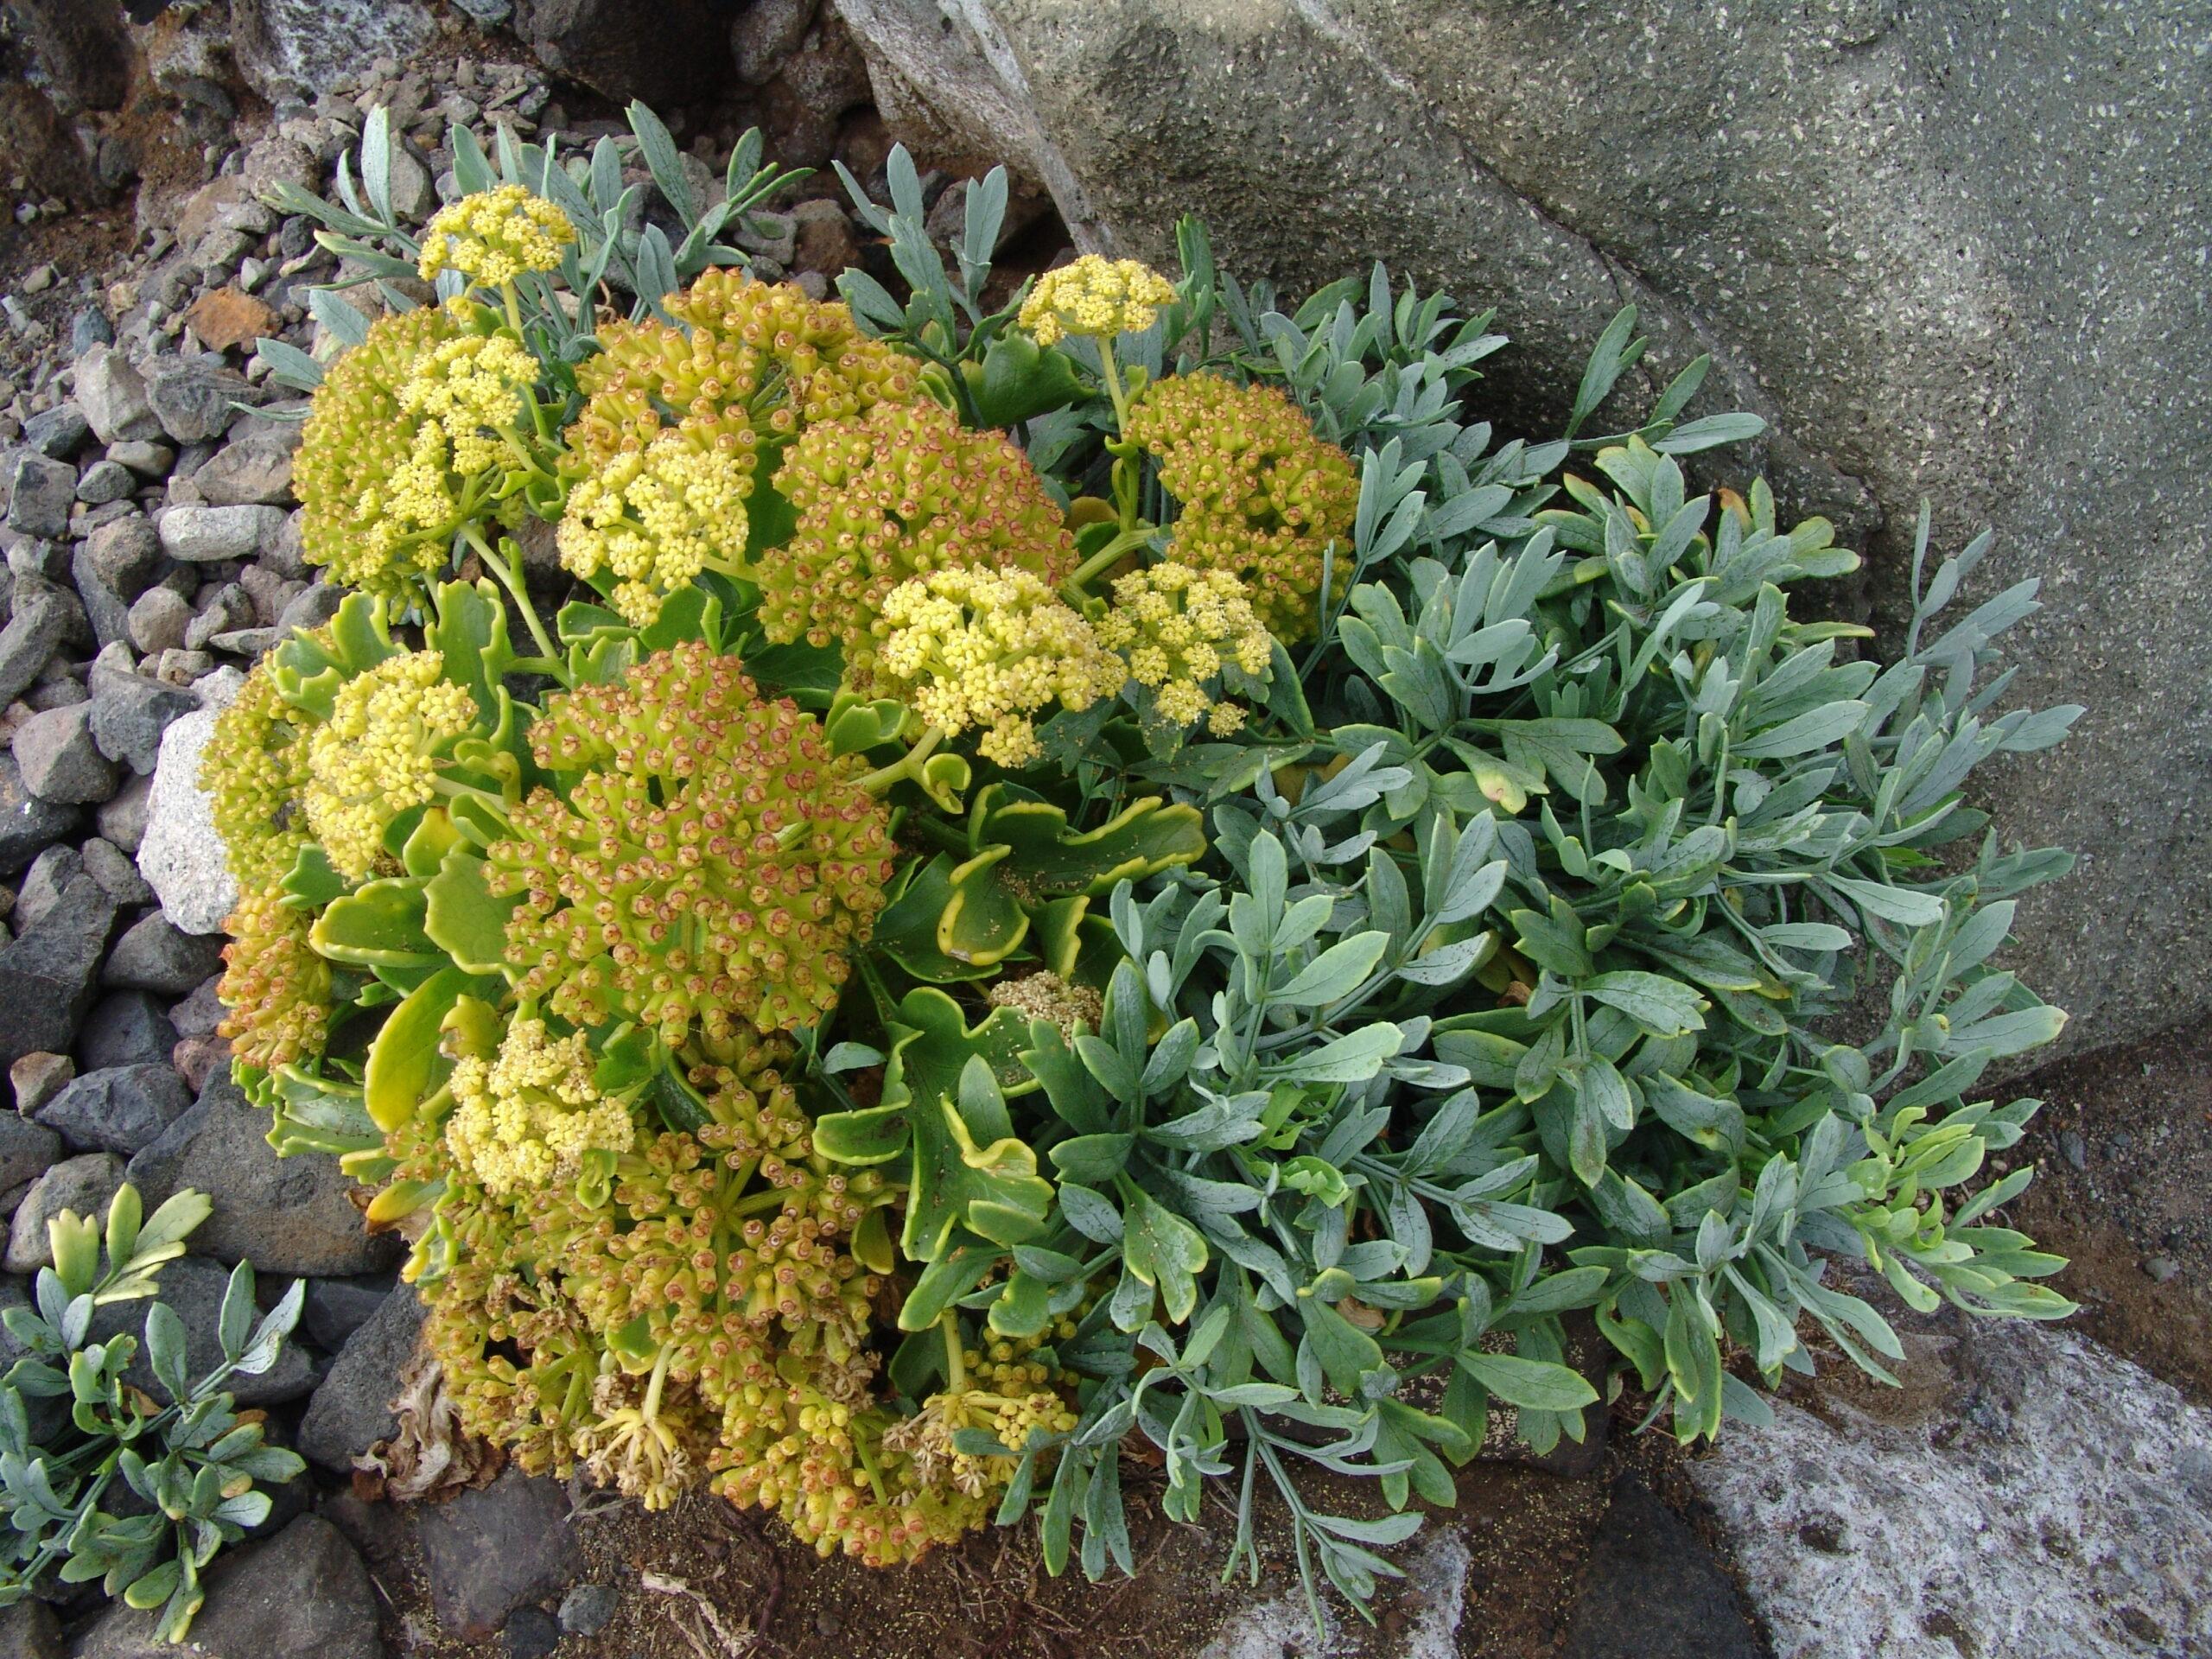 dsc07758-flor-fruto-crithmum-maritimum-6-costa-almaciga-roques-anaga-scaled.jpg